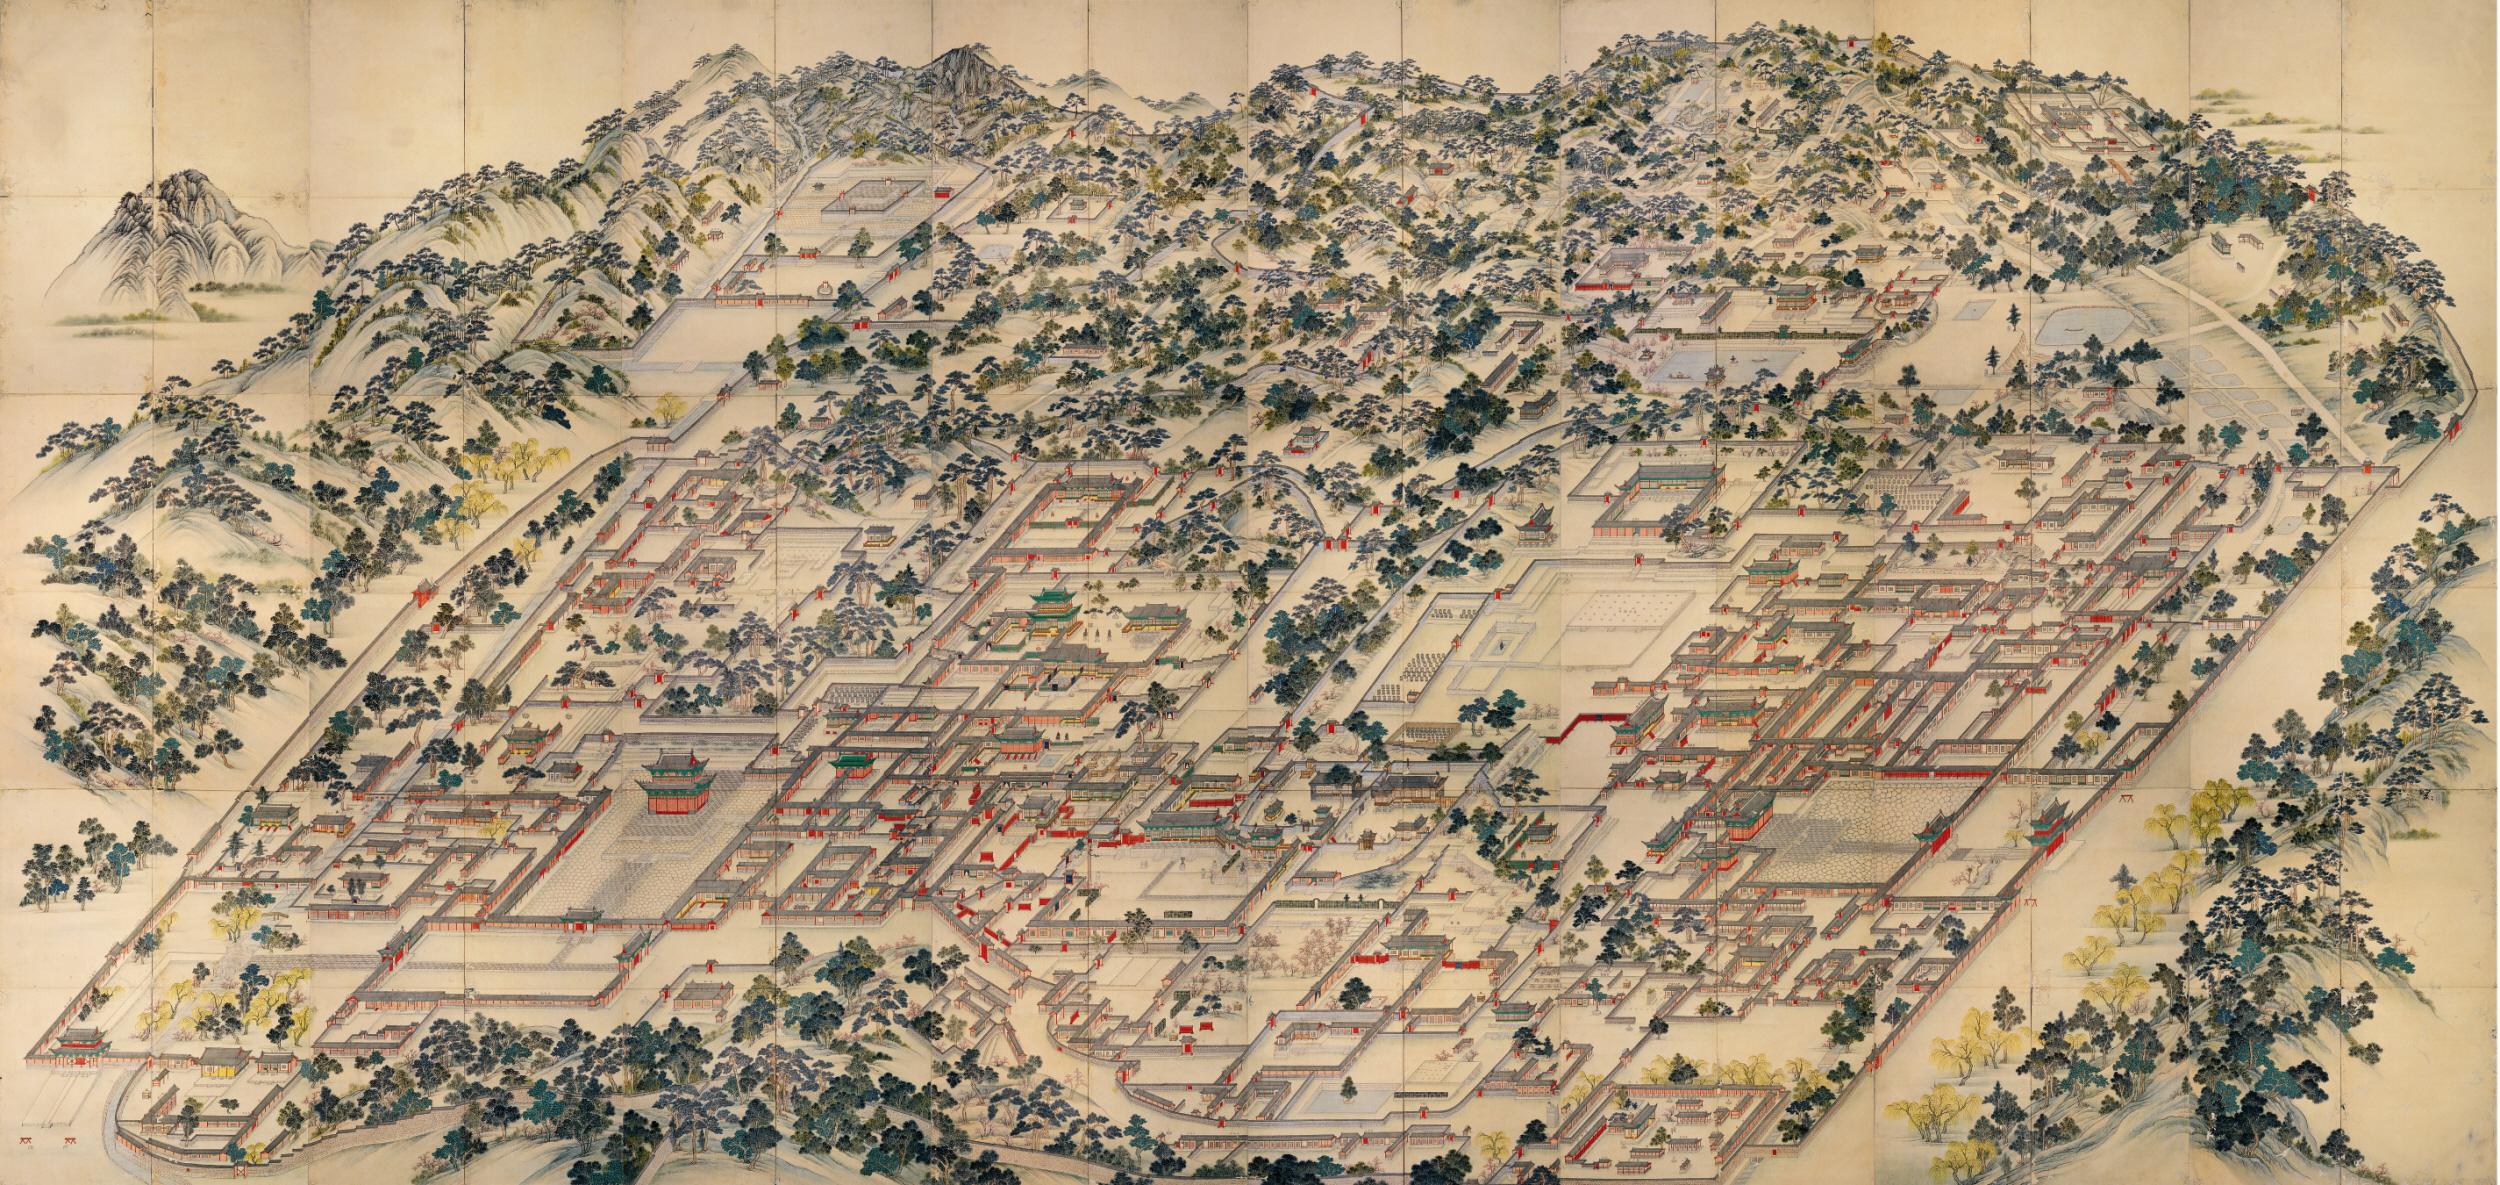 Depiction of Changdeokgung and Changgyeonggung palaces, circa 1830.